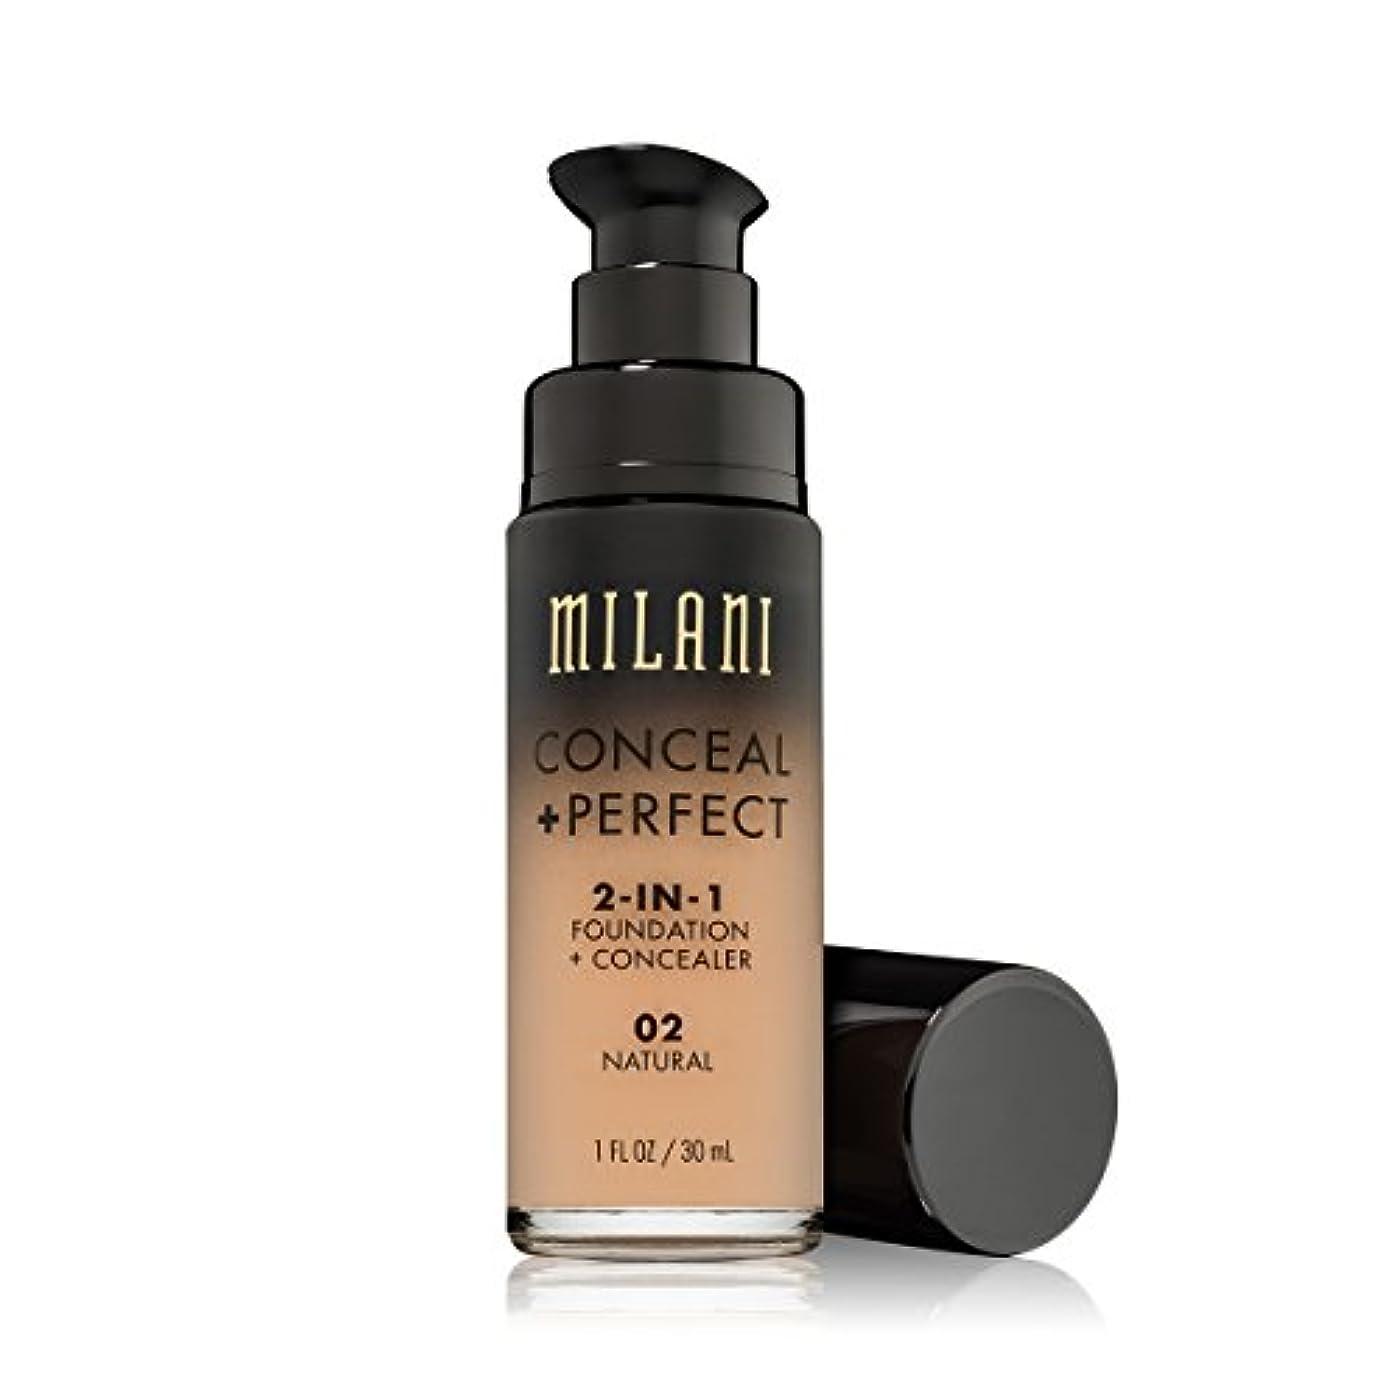 ショッピングセンター韓国同情的MILANI Conceal + Perfect 2-In-1 Foundation + Concealer - Natural (並行輸入品)